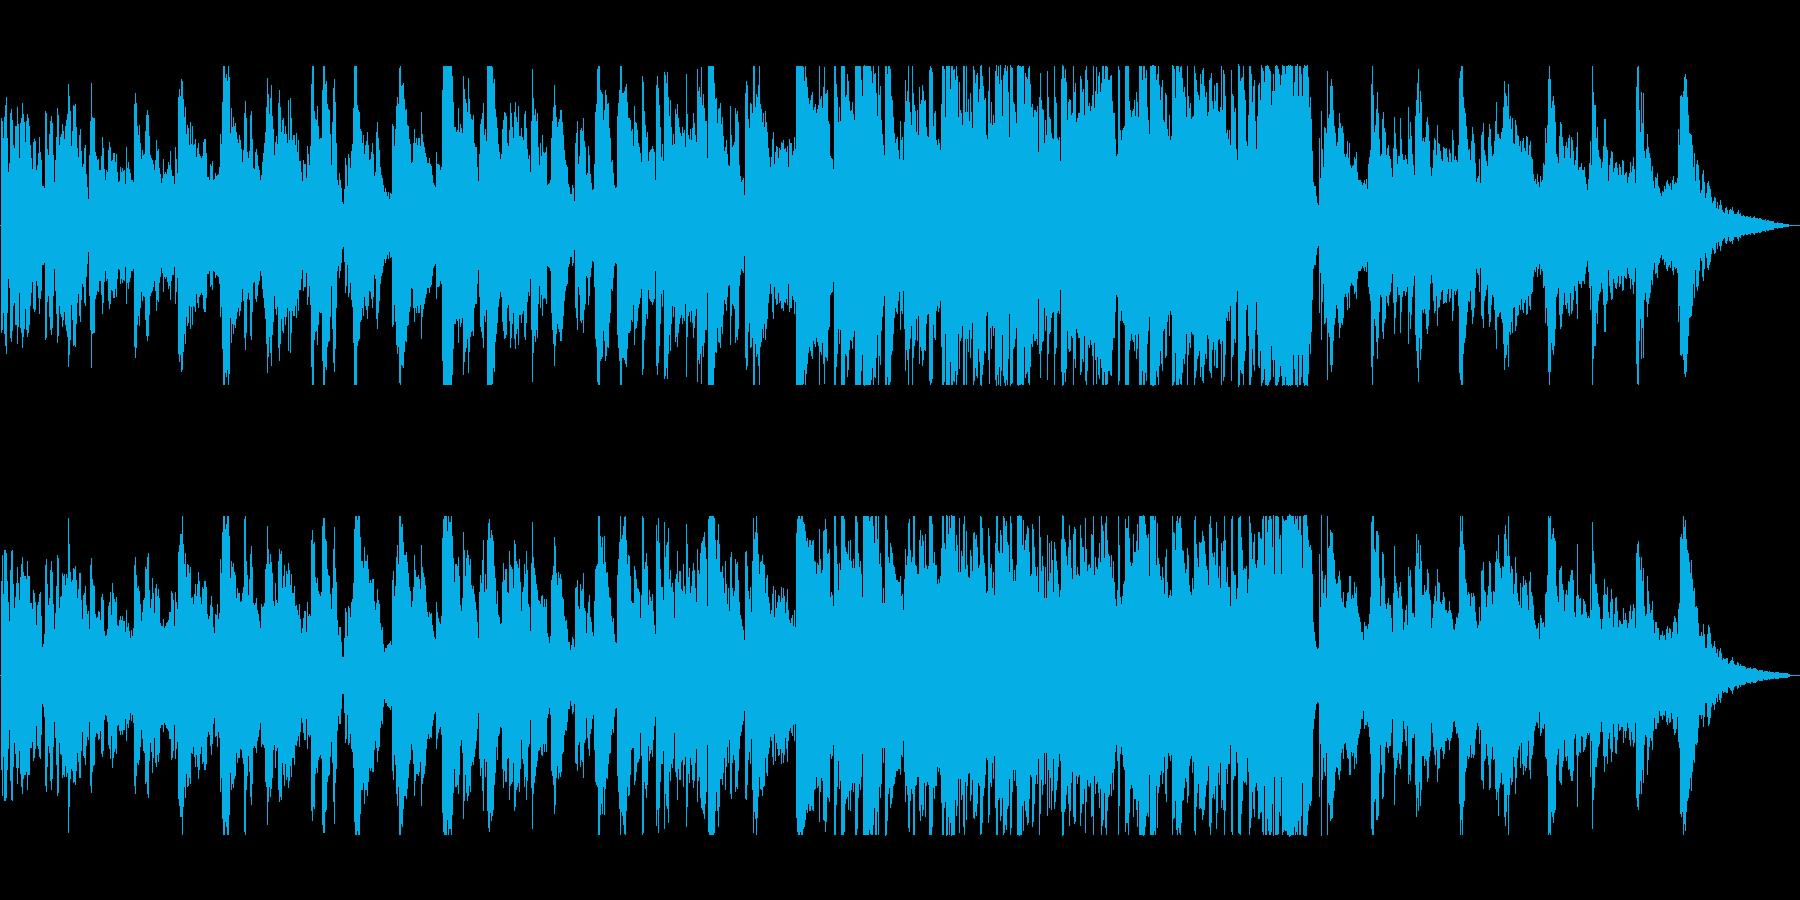 リラックスムード漂う優しいジャズの再生済みの波形